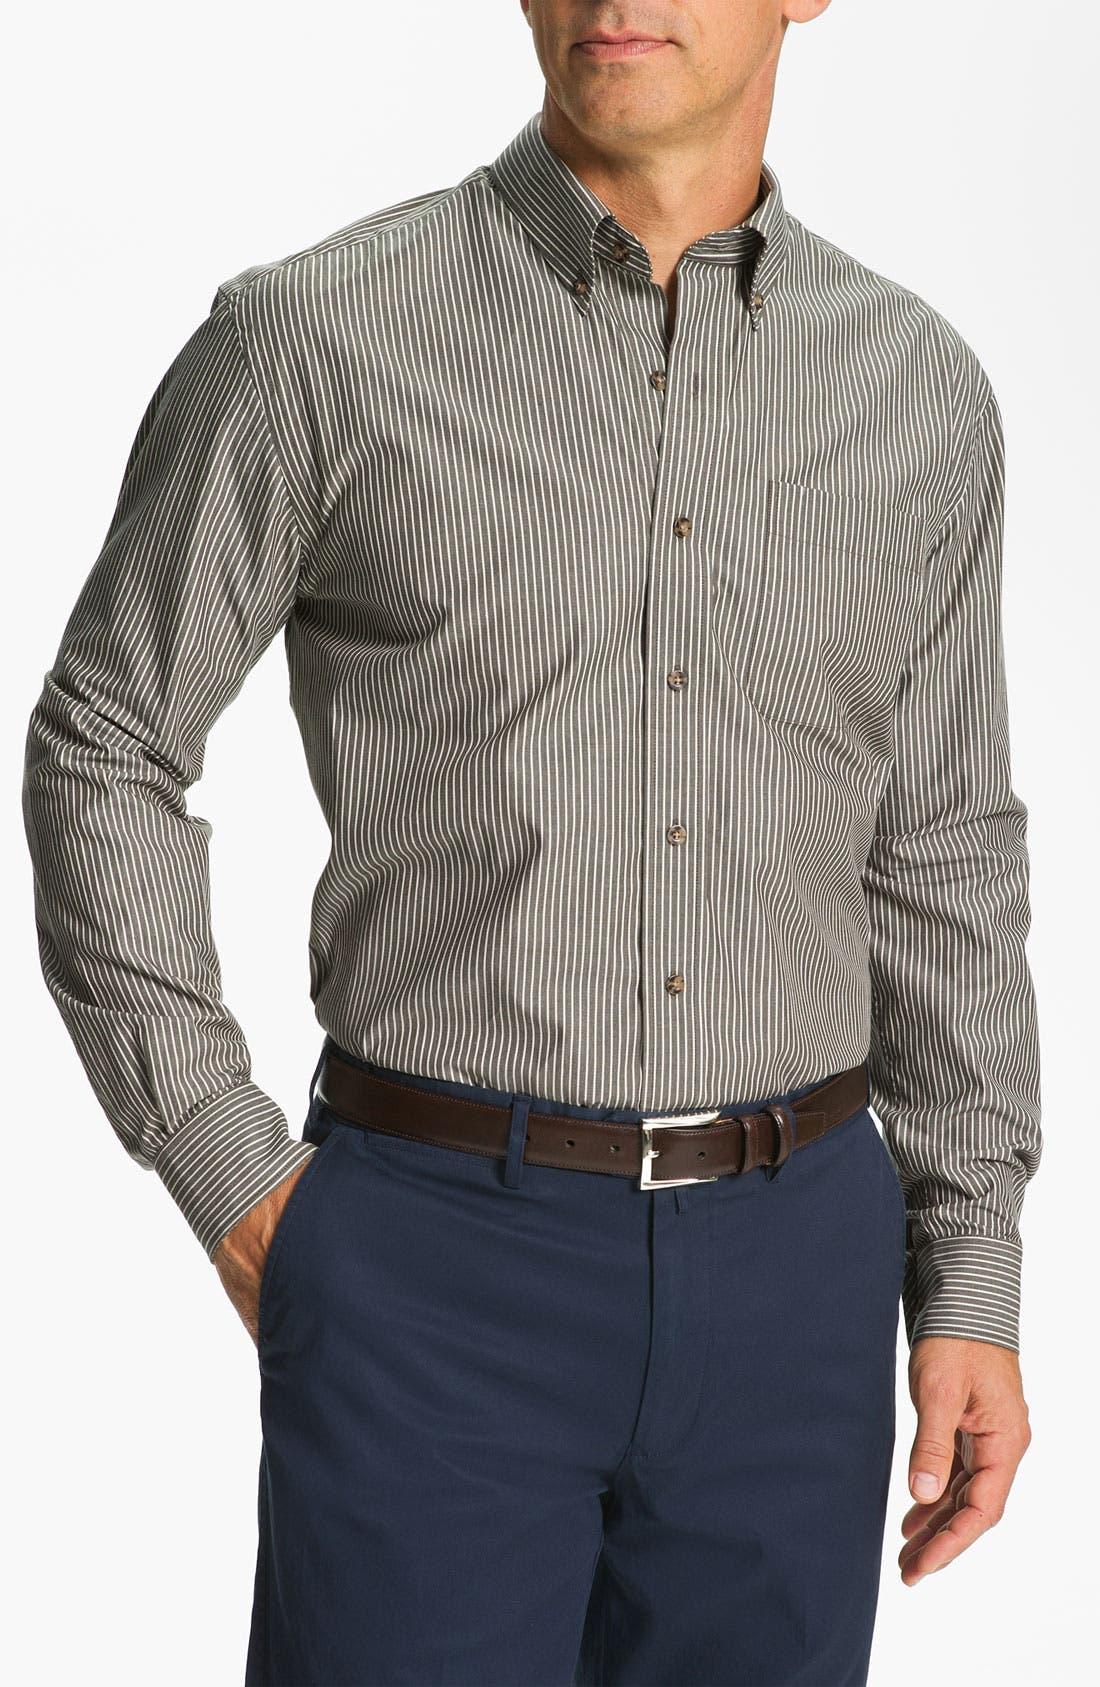 Alternate Image 1 Selected - Cutter & Buck 'Liberty Bell' Stripe Sport Shirt